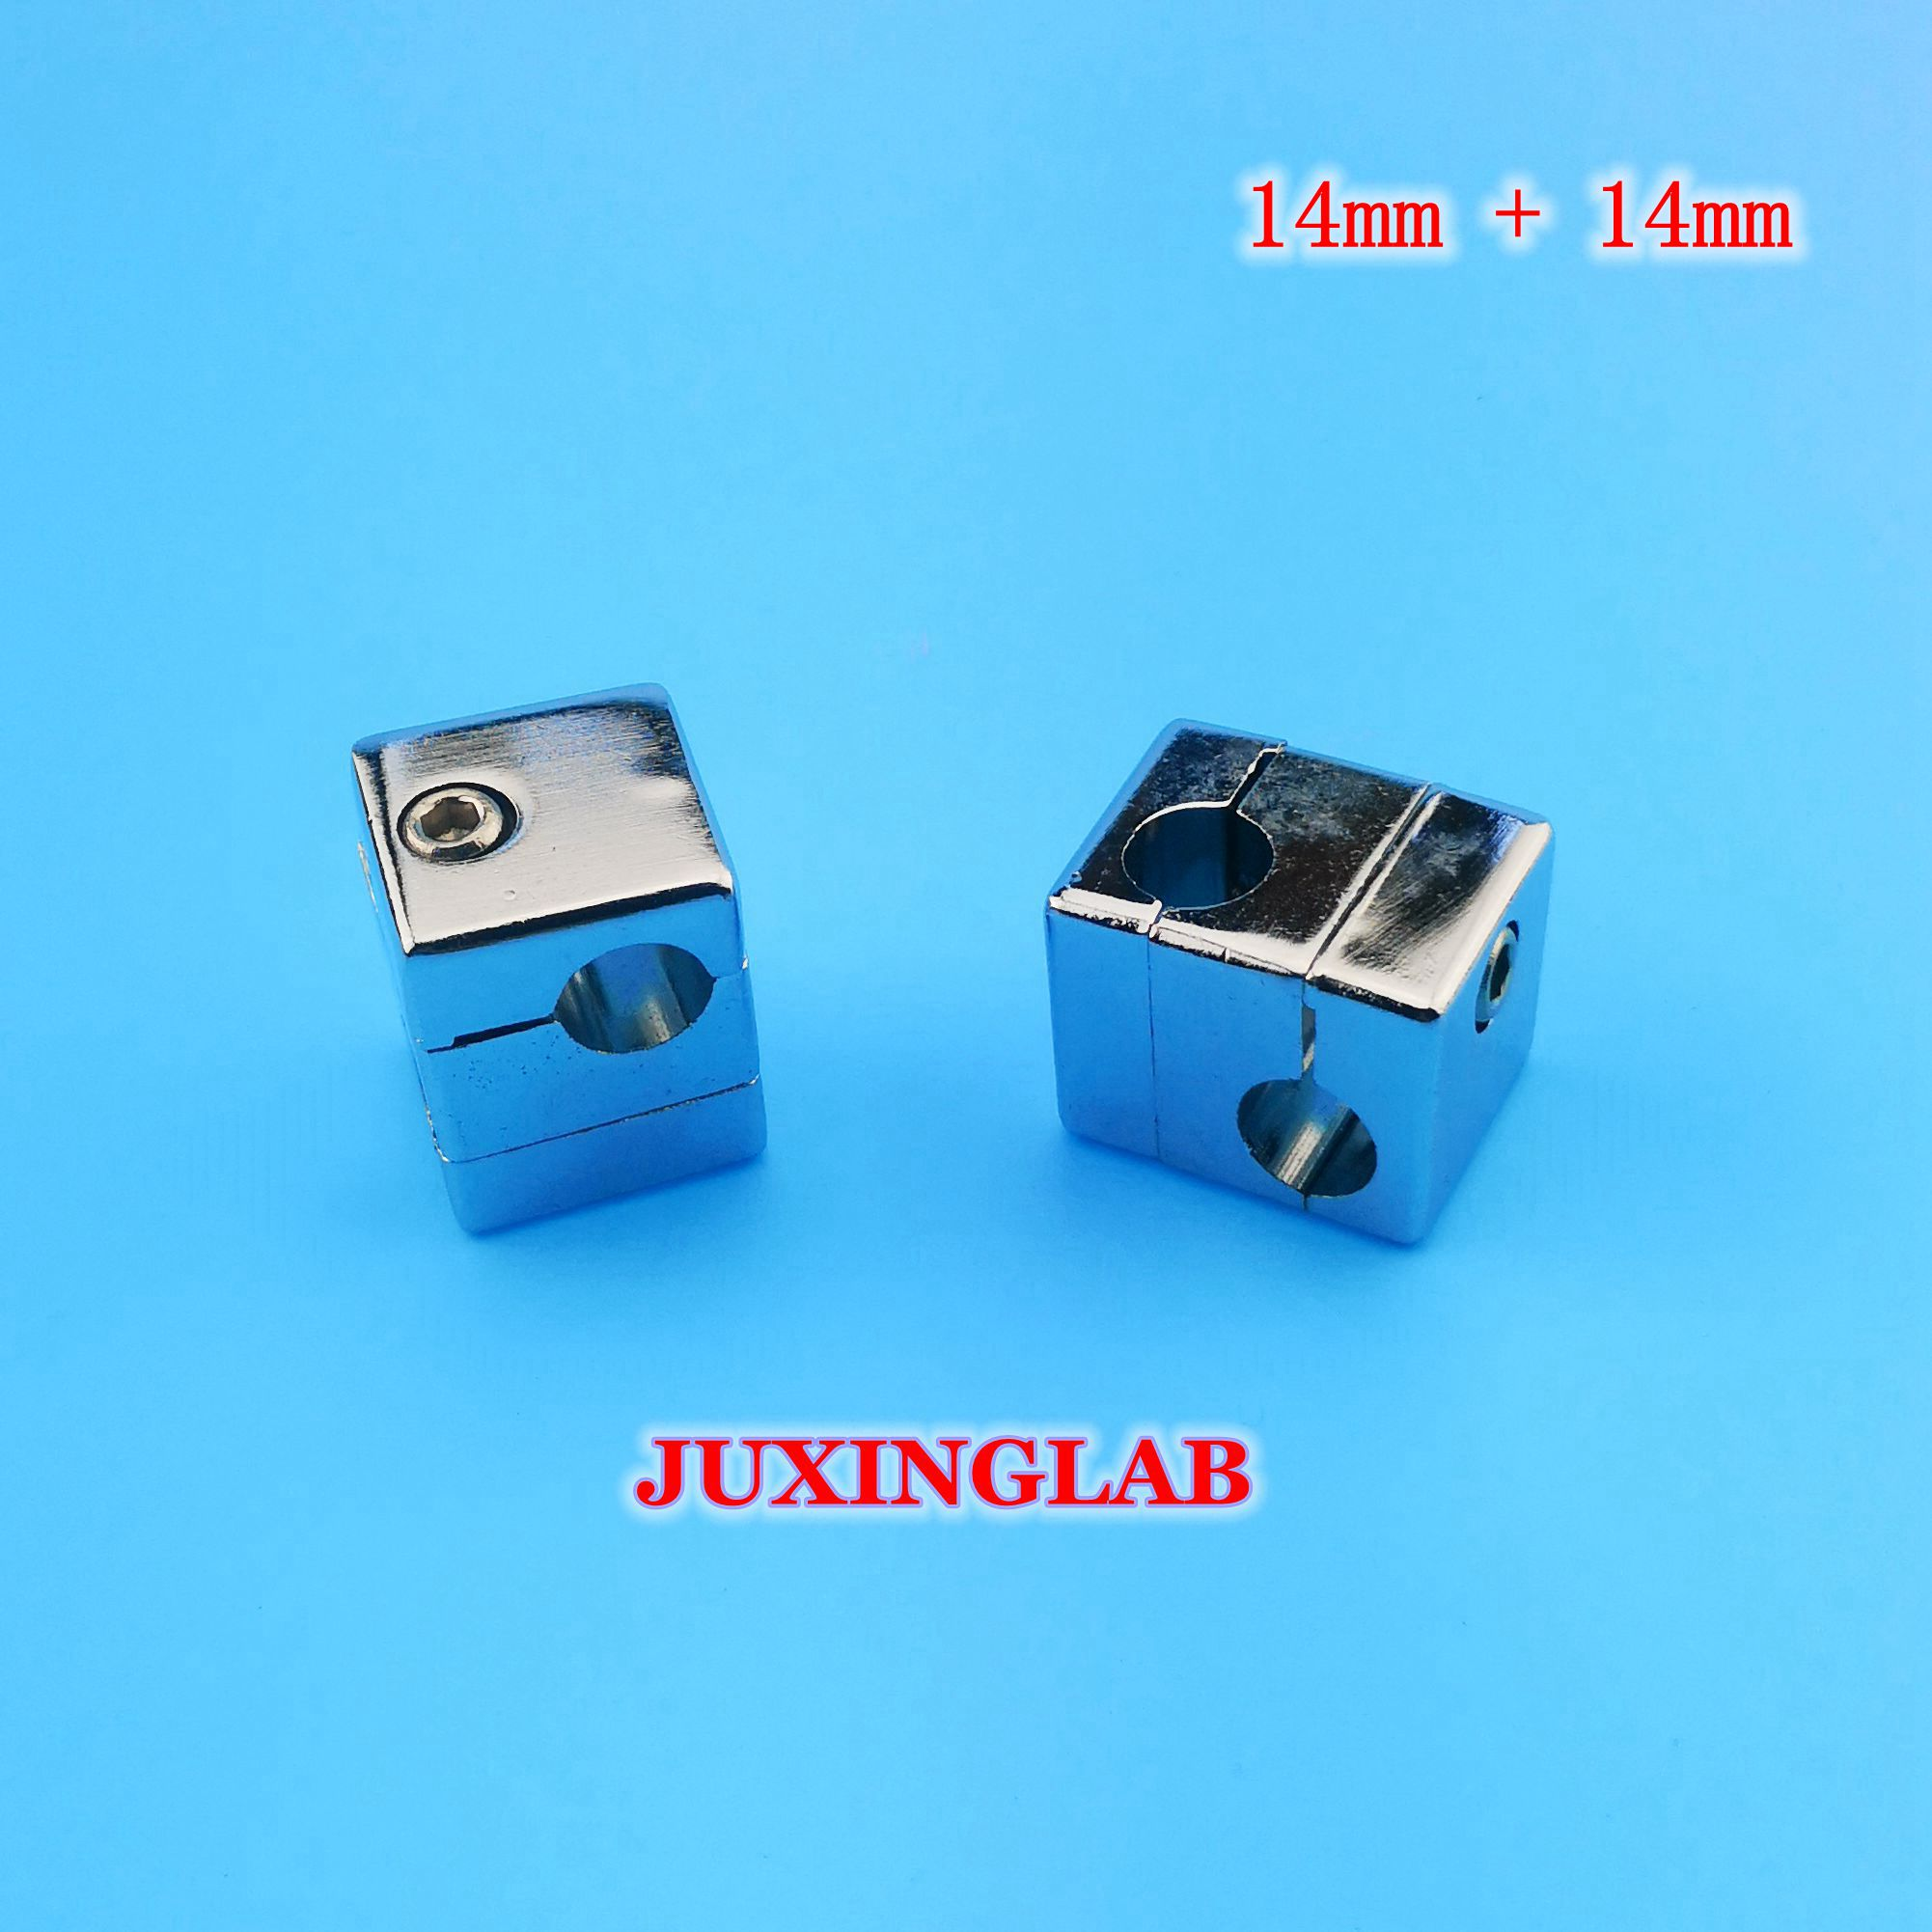 Double Clamp Cruzeta Para Haste 14mm + 14 milímetros de Alumínio ou Liga de Zinco Ni/Cr Chapeado, para a Fixação de Estruturas Perpendiculares